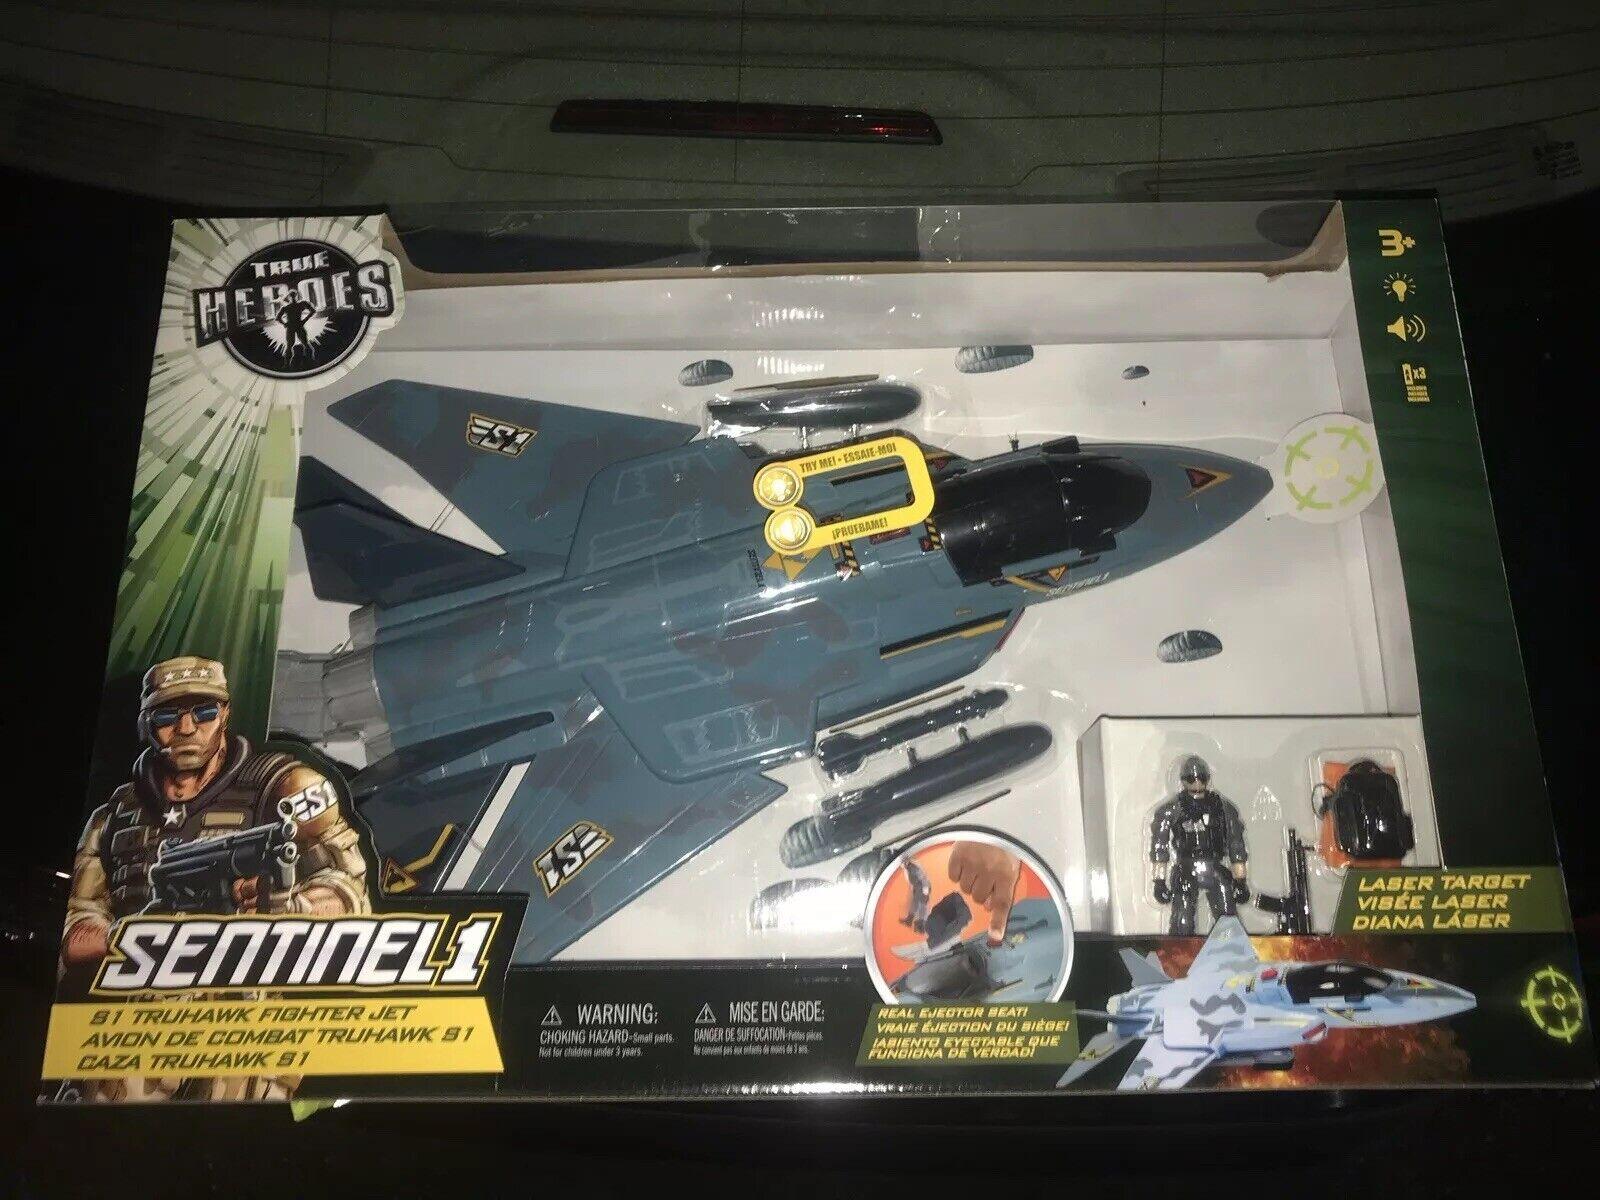 True Heroes S1 GI Joe truhawk Fighter Jet Set Con Luces Y Sonidos TRU Exclusivo